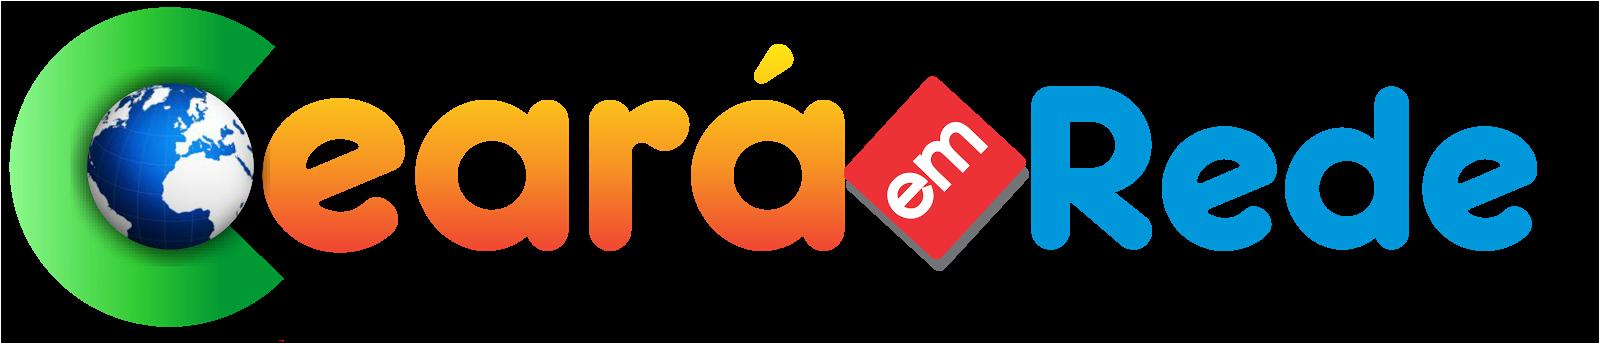 Ceará em Rede | Notícias do Ceará